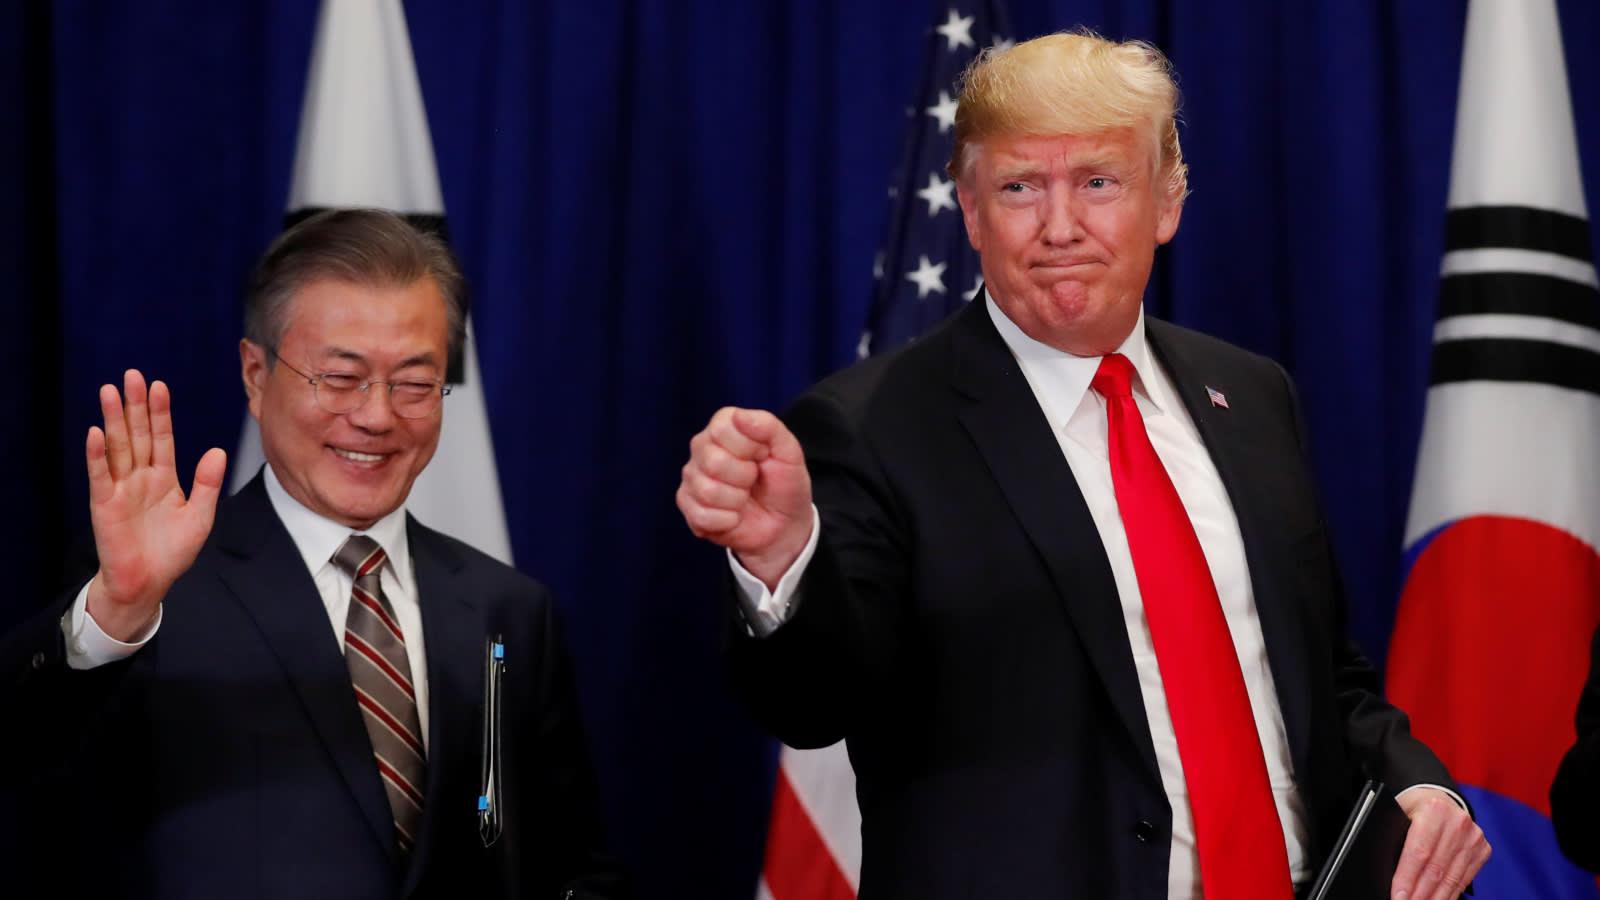 Le président sud-coréen Moon Jae-in vient de signer avec son homologue américain Donald Trump un amendement au traité de libre-échange entre les Etats-Unis et la Corée du Sud, en marge de l'assemblée générale des nations Unies à New York, le 24 septembre 2018. Un geste accommodant de la part de Moon pour favoriser par ailleurs les négociations avec la Corée du Nord sur le dossier nucléaire. (Source : Asia Nikkei)